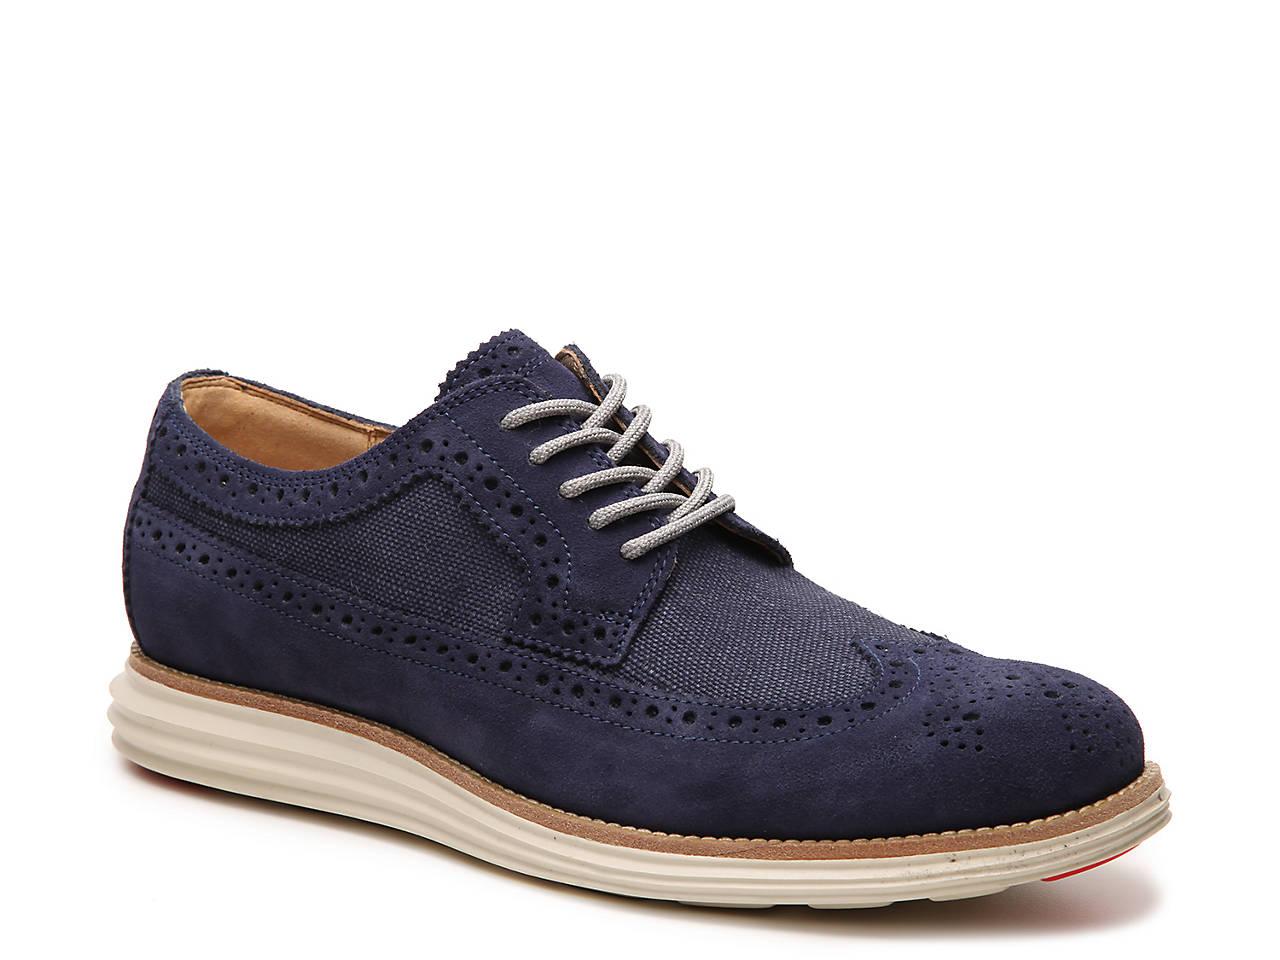 3933d8ae82a Cole Haan Lunargrand Wingtip Oxford Men s Shoes